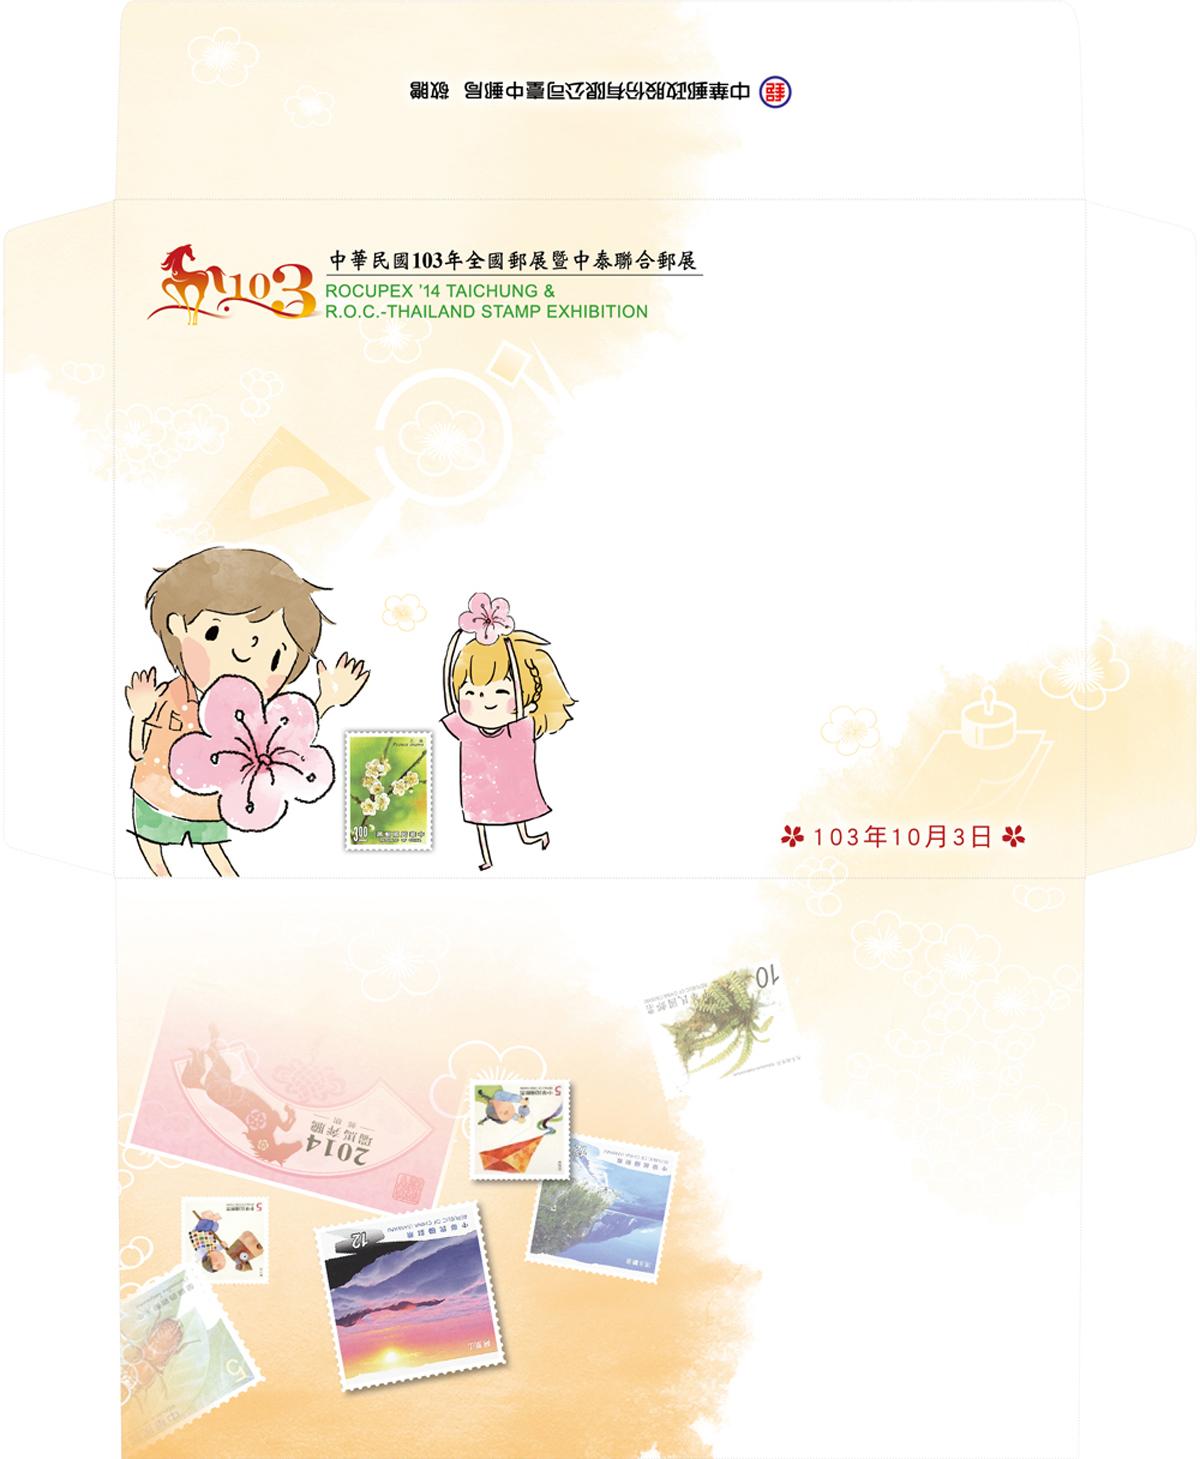 1031003-中華民國103年全國郵展暨中泰聯合郵展